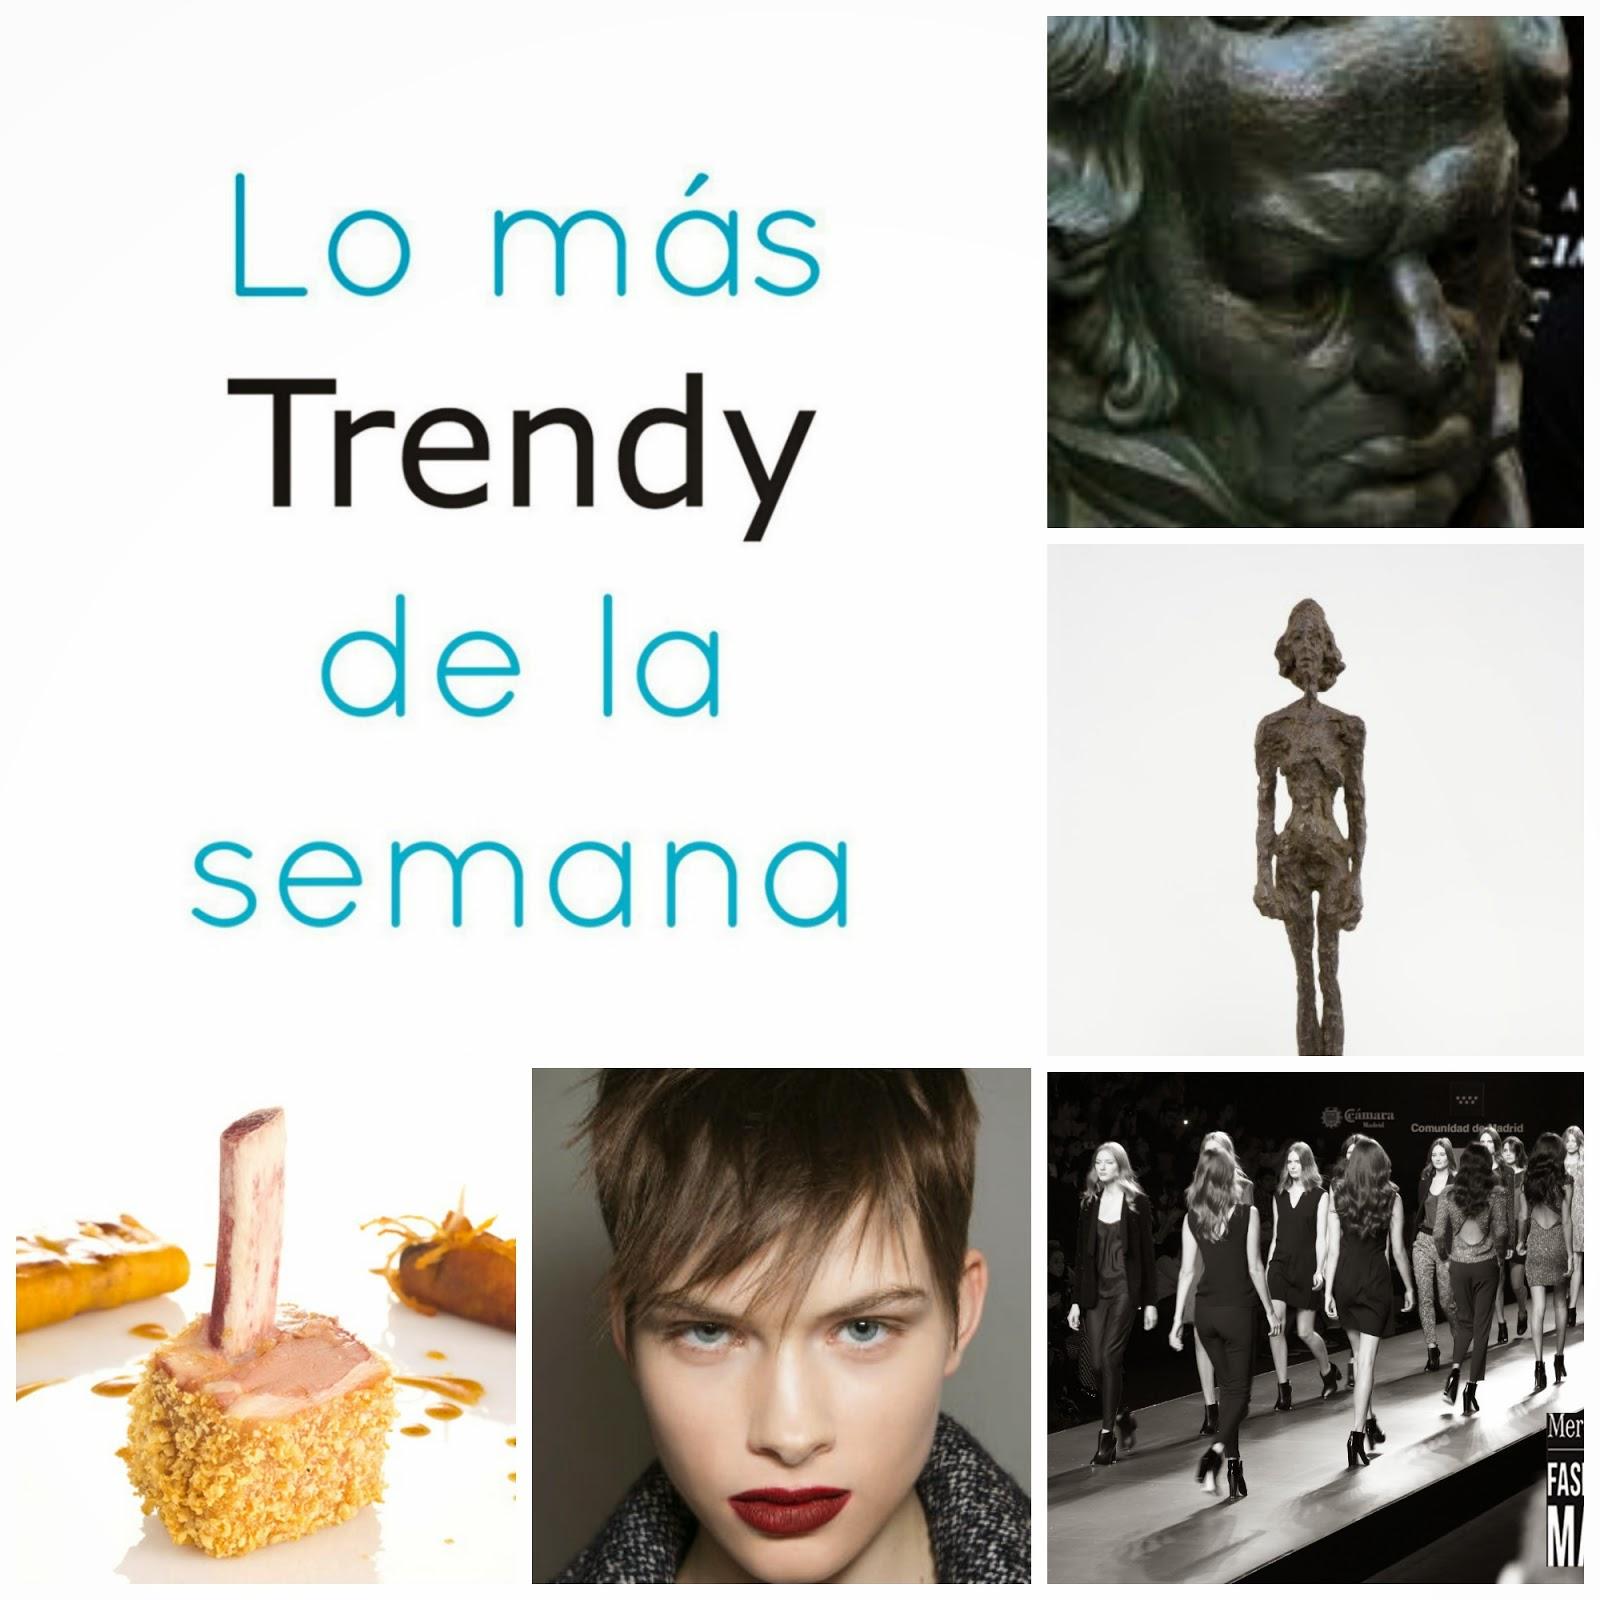 Lo mas trendy de la semana Planes Recomendaciones Madrid arte moda belleza cine premios fin de semana